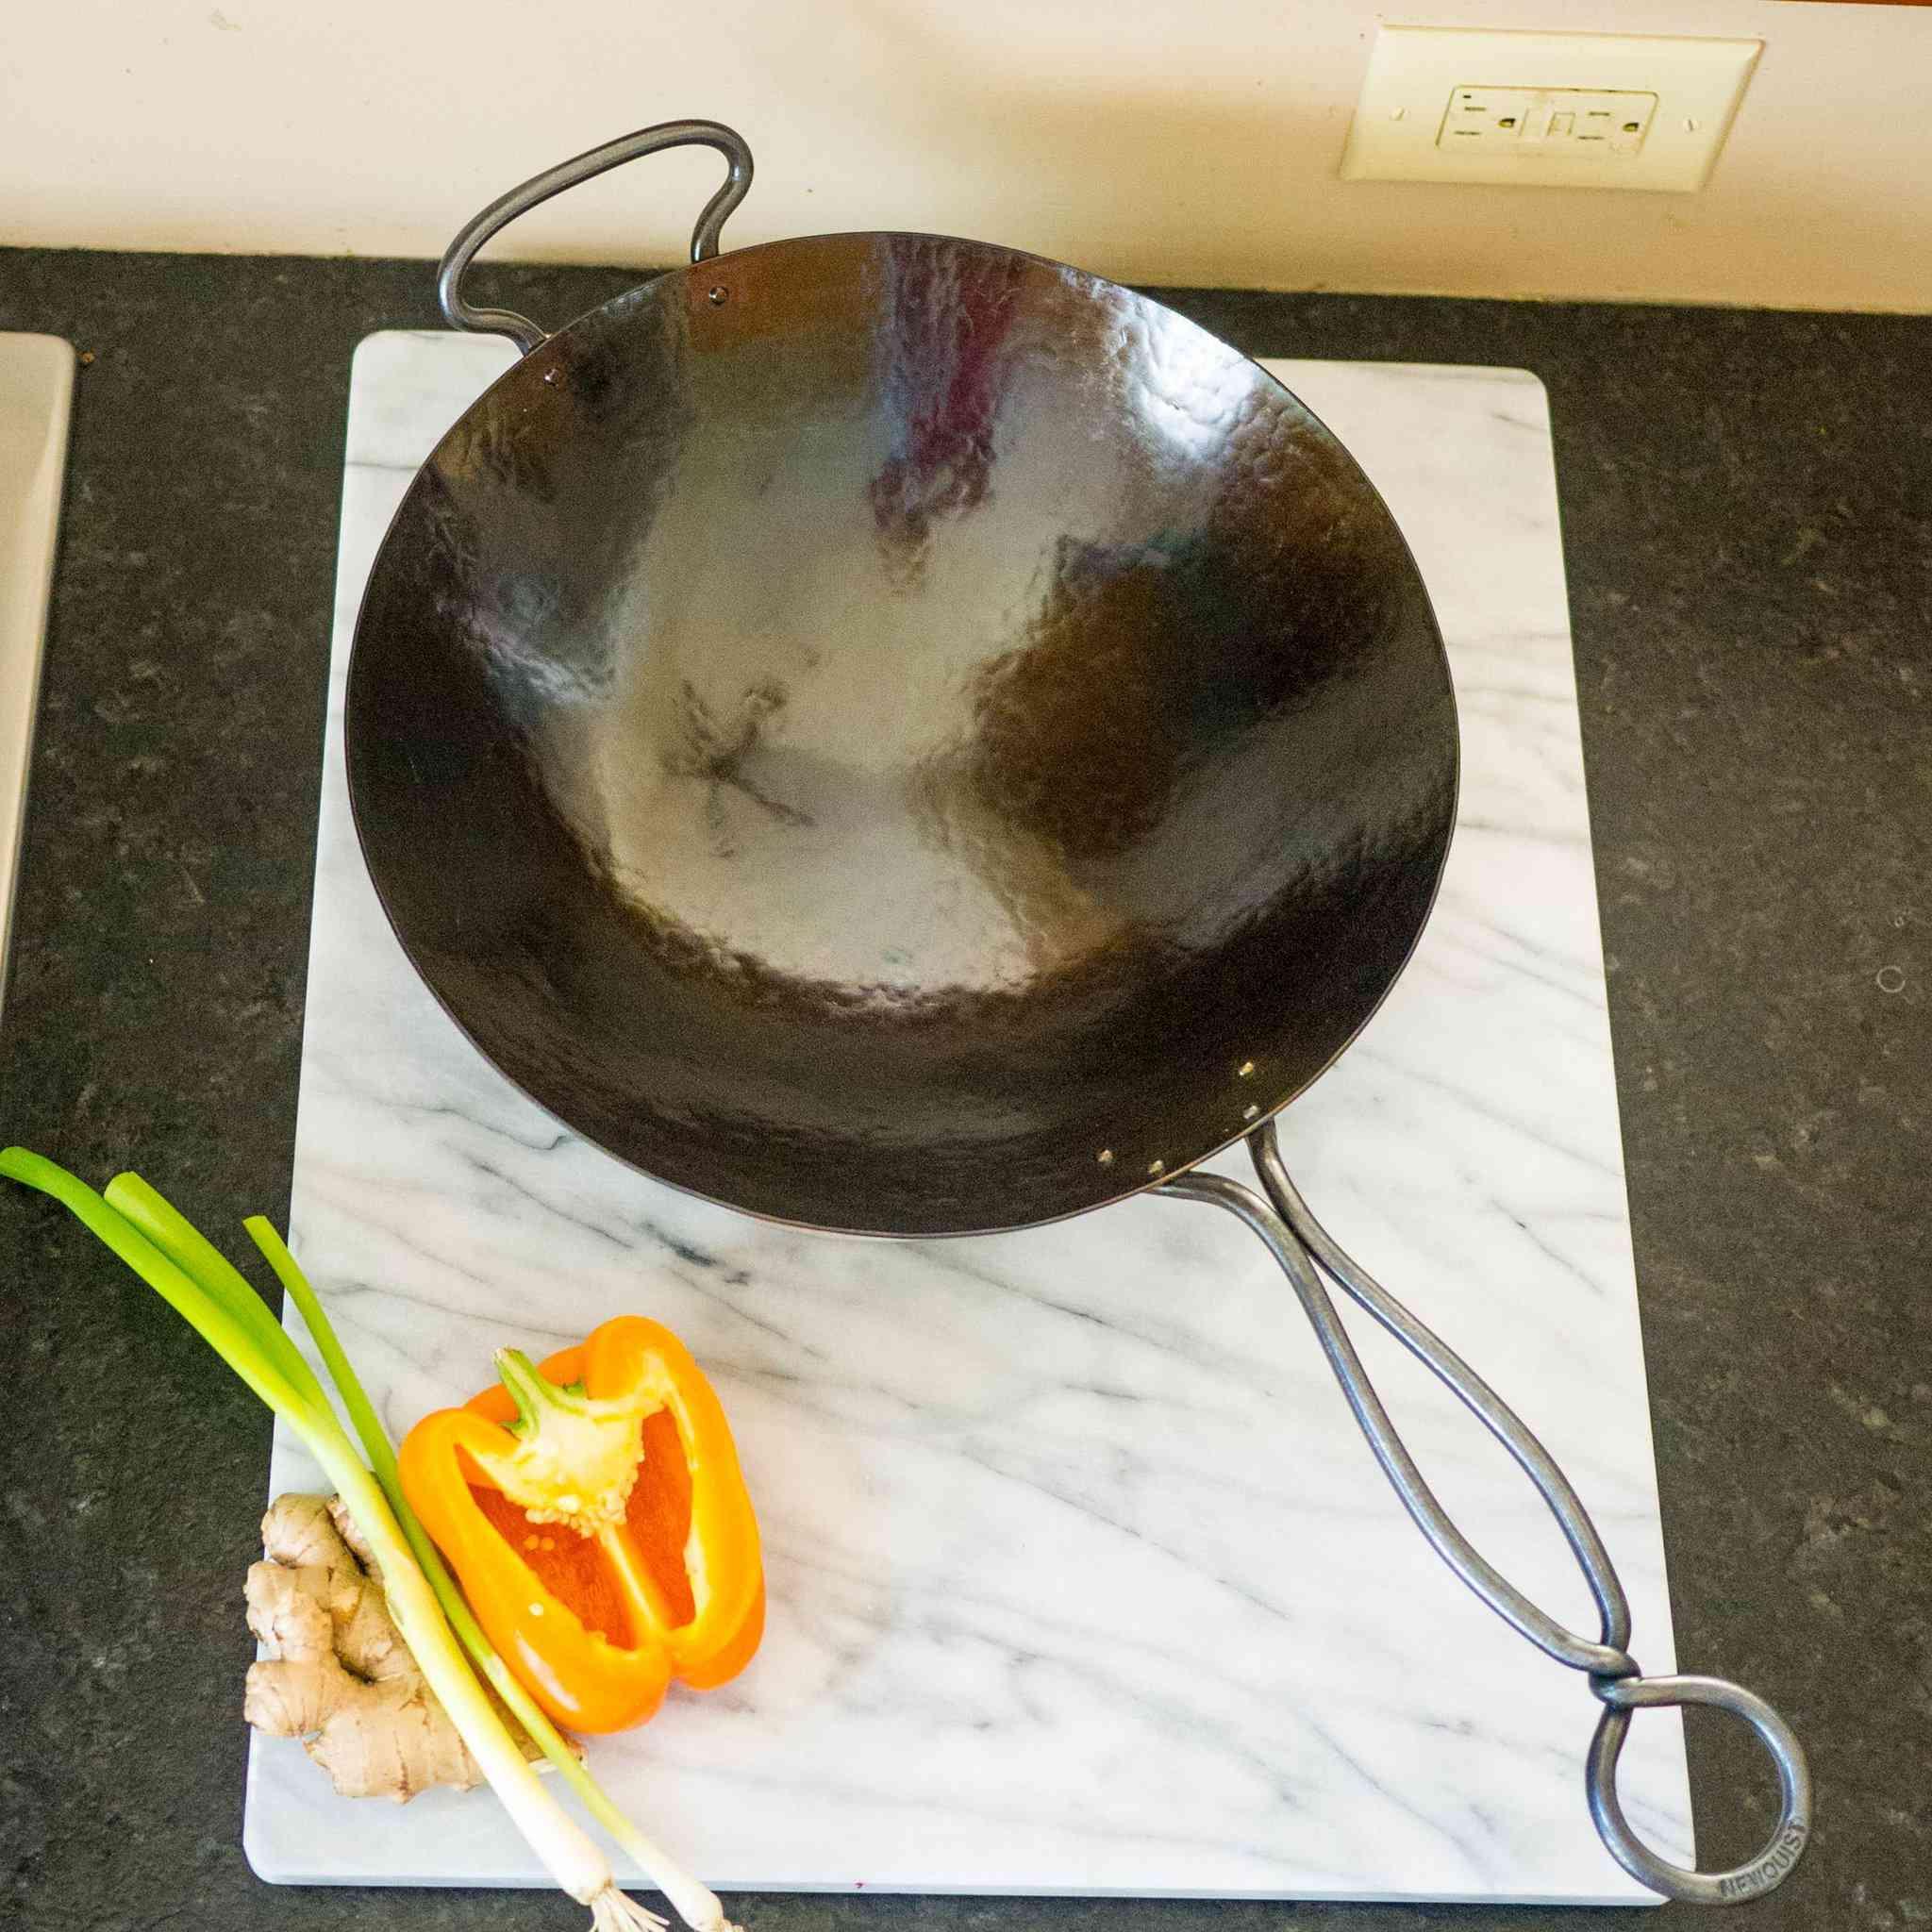 newquist-forge-hand-hammered-wok